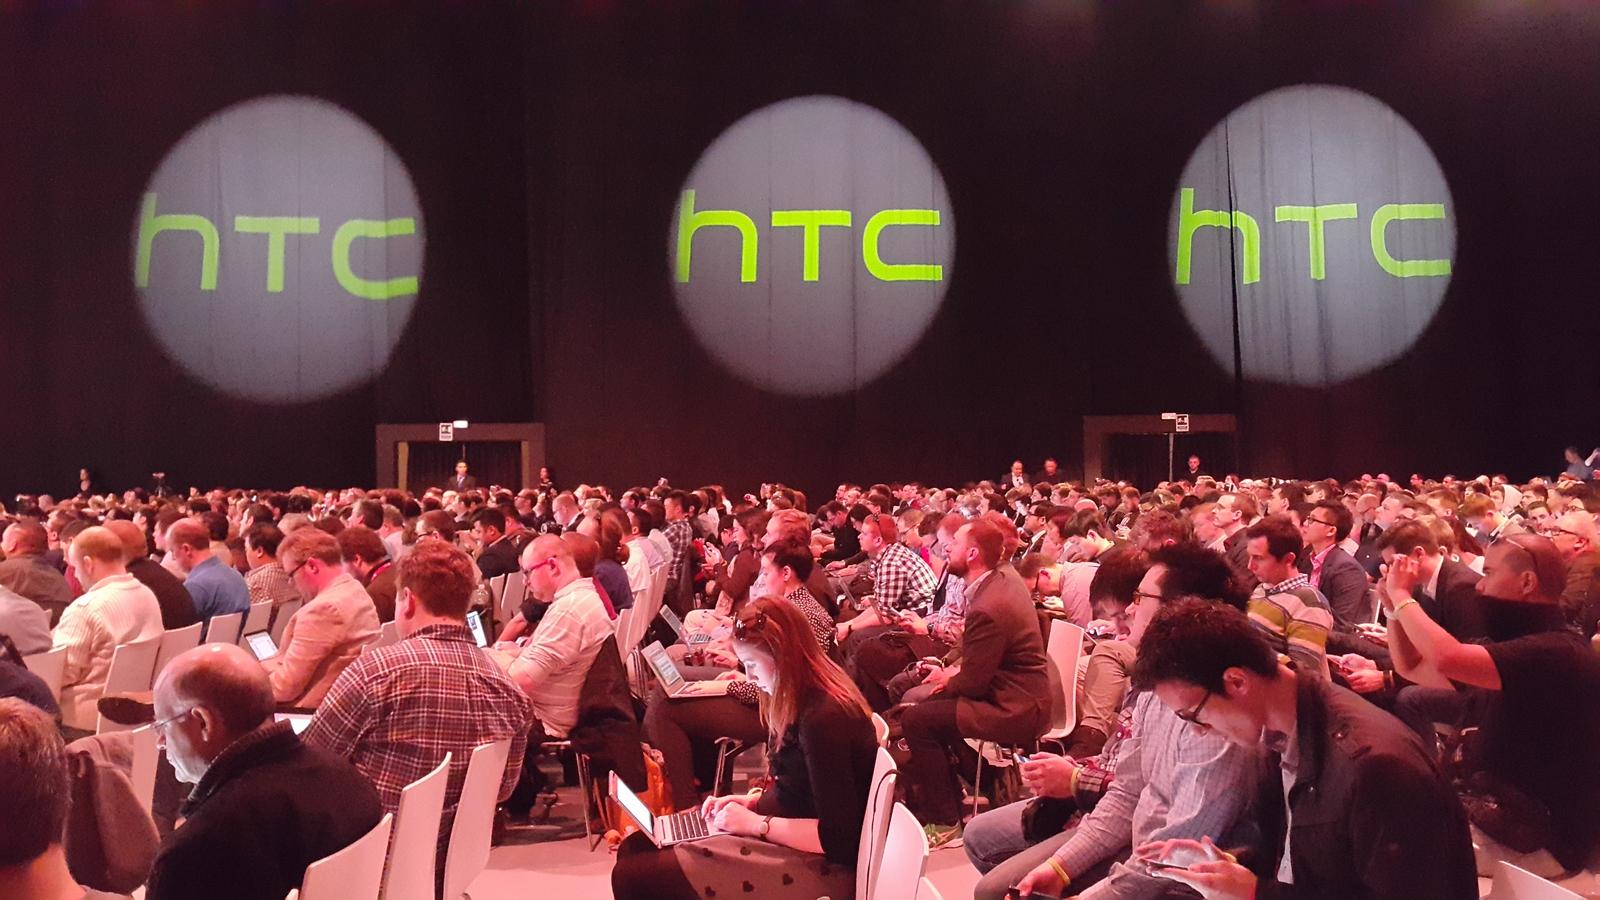 Konferencja HTC / fot. galaktyczny.pl